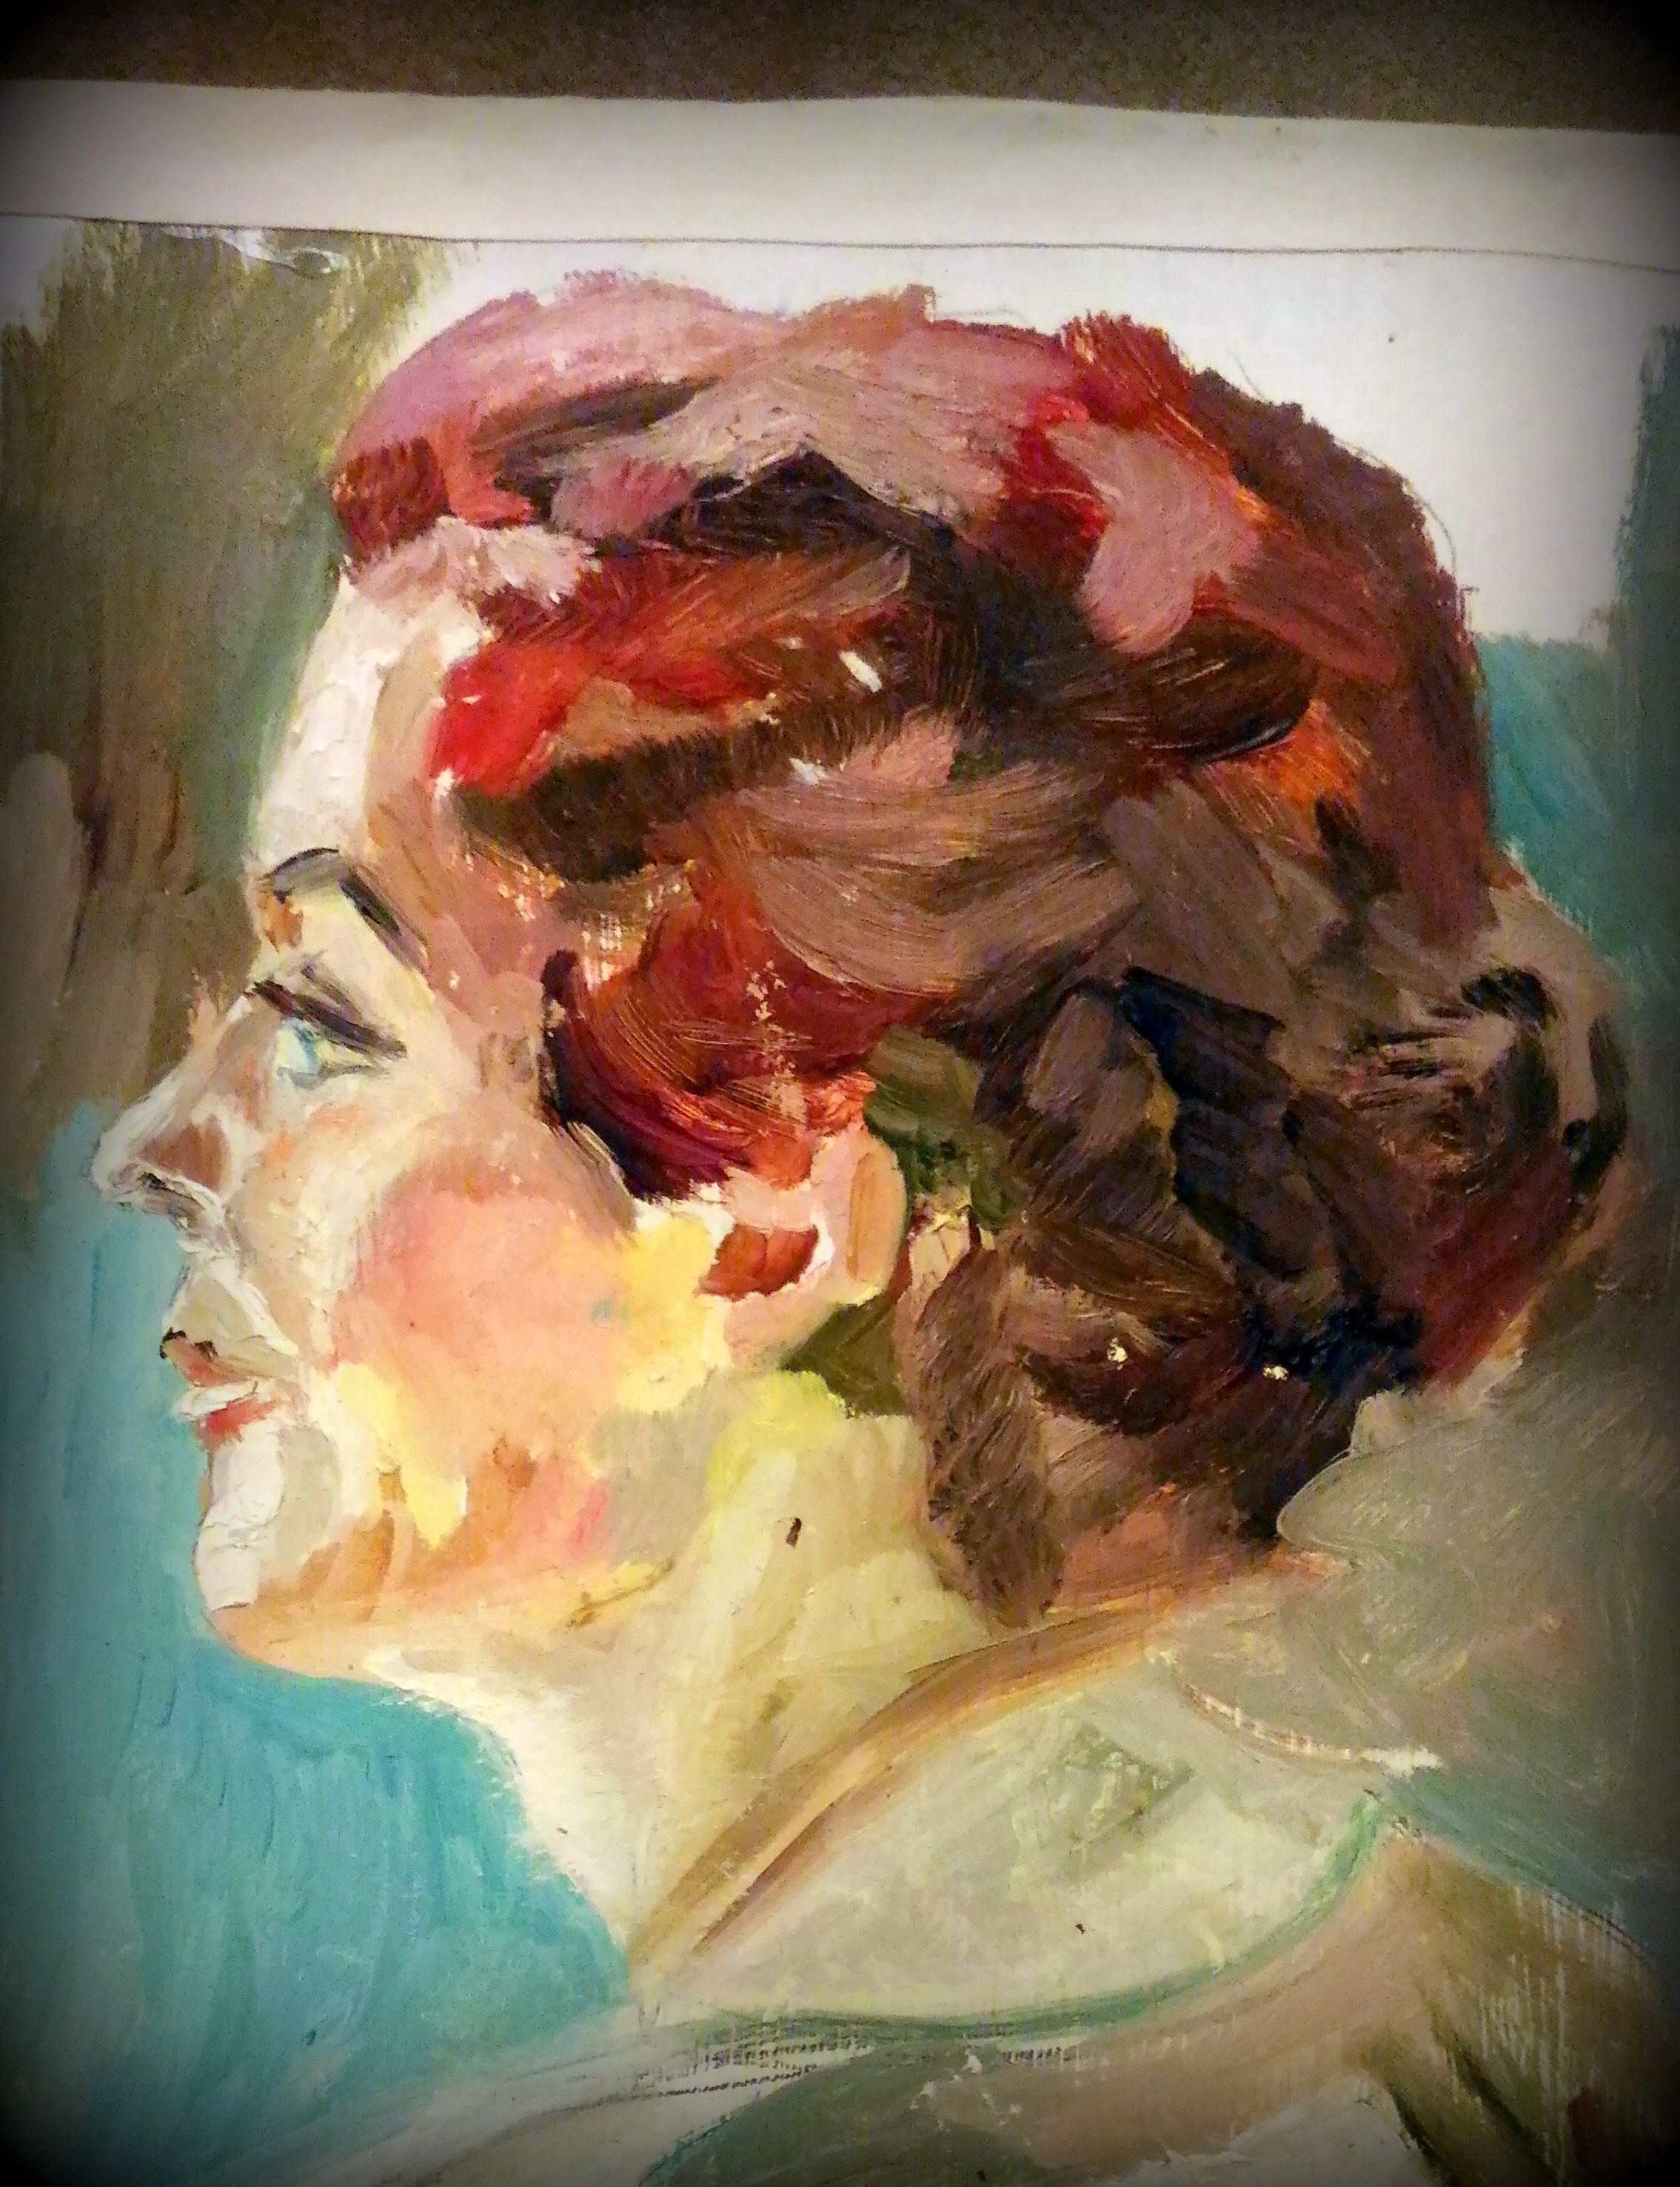 портрет женский живопись импрессионизм портет своременная масломкопиямама картина